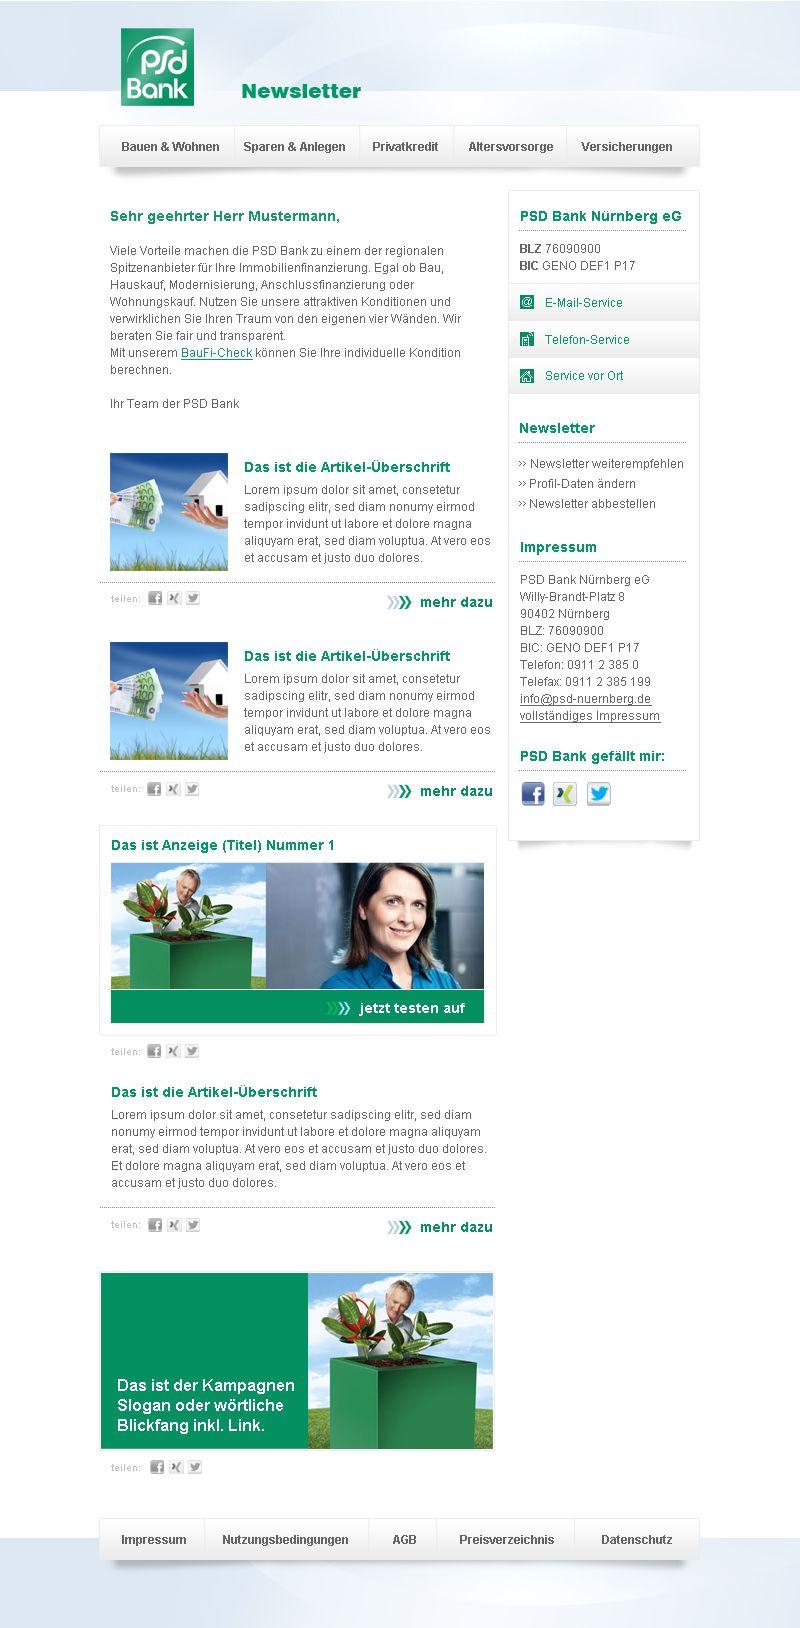 Newsletter-Design PSD Bank #Newsletterdesign #Email #Emailmarketing ...